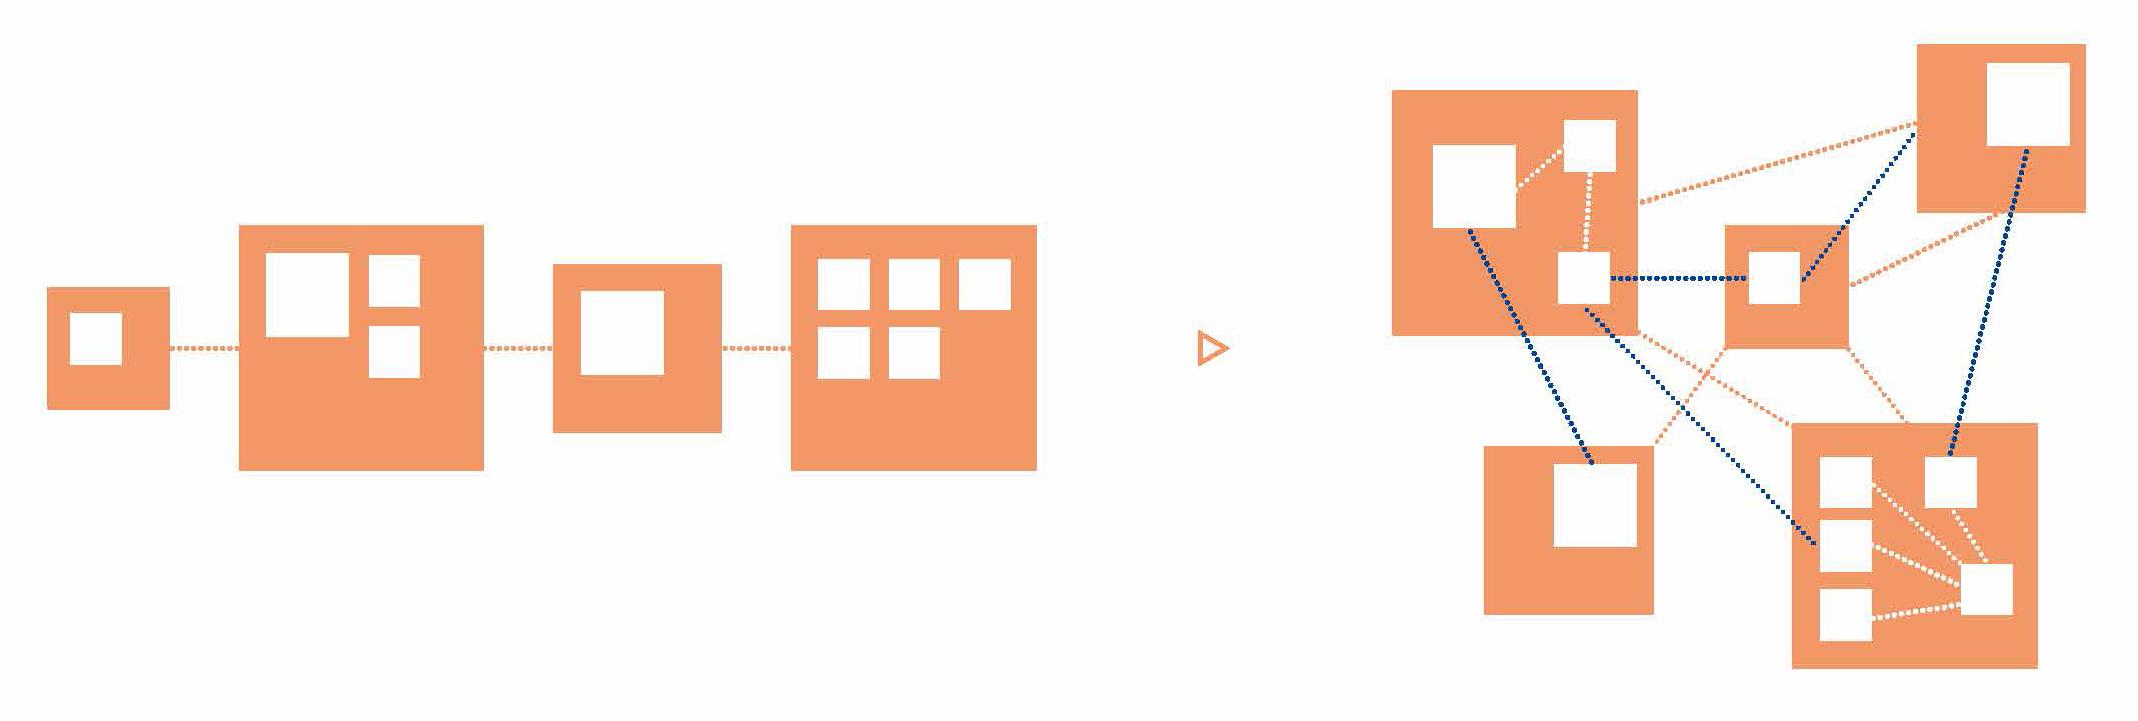 left: linear A-Z model, right: modular model.